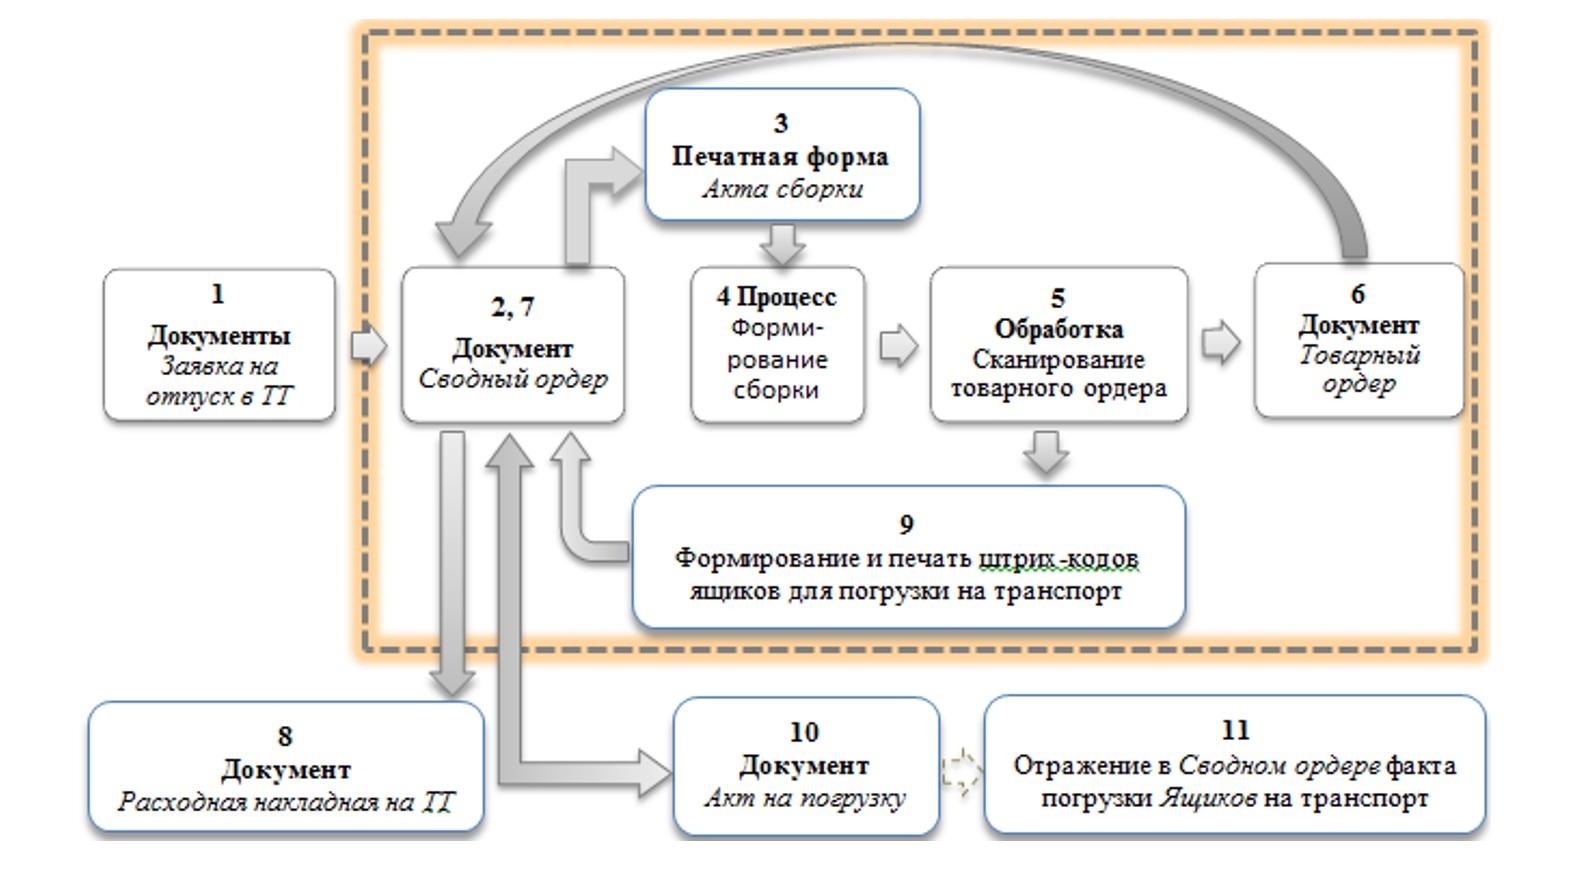 1С Донецк аптеки 16